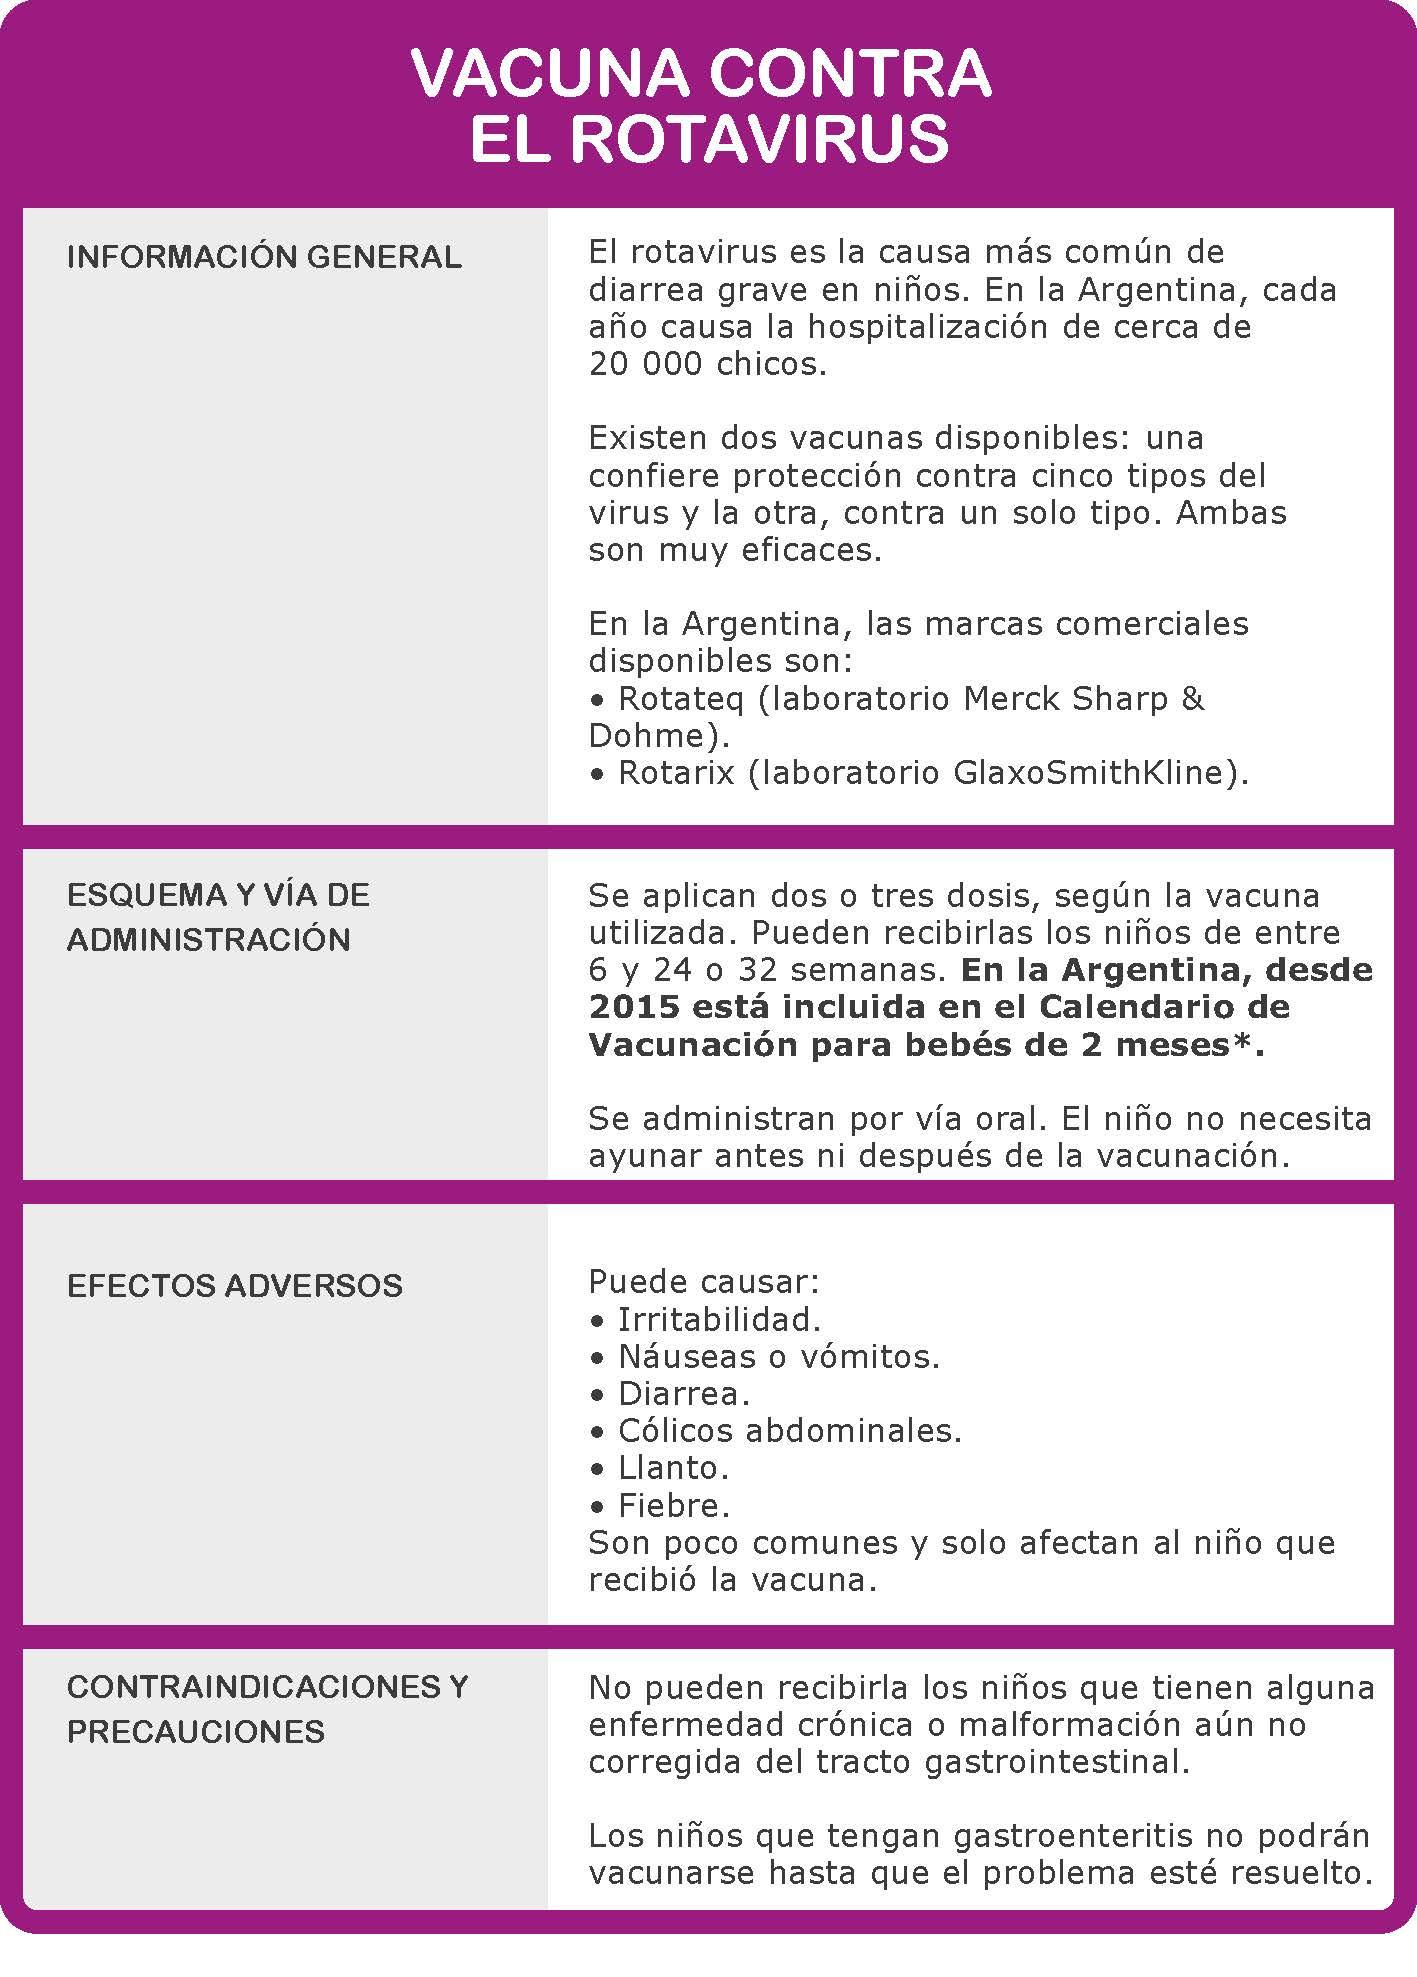 esquema dosis efectos contraindicaciones vacuna contra rotavirus para prevenir diarreas bebes y ninos rotateq rotarix